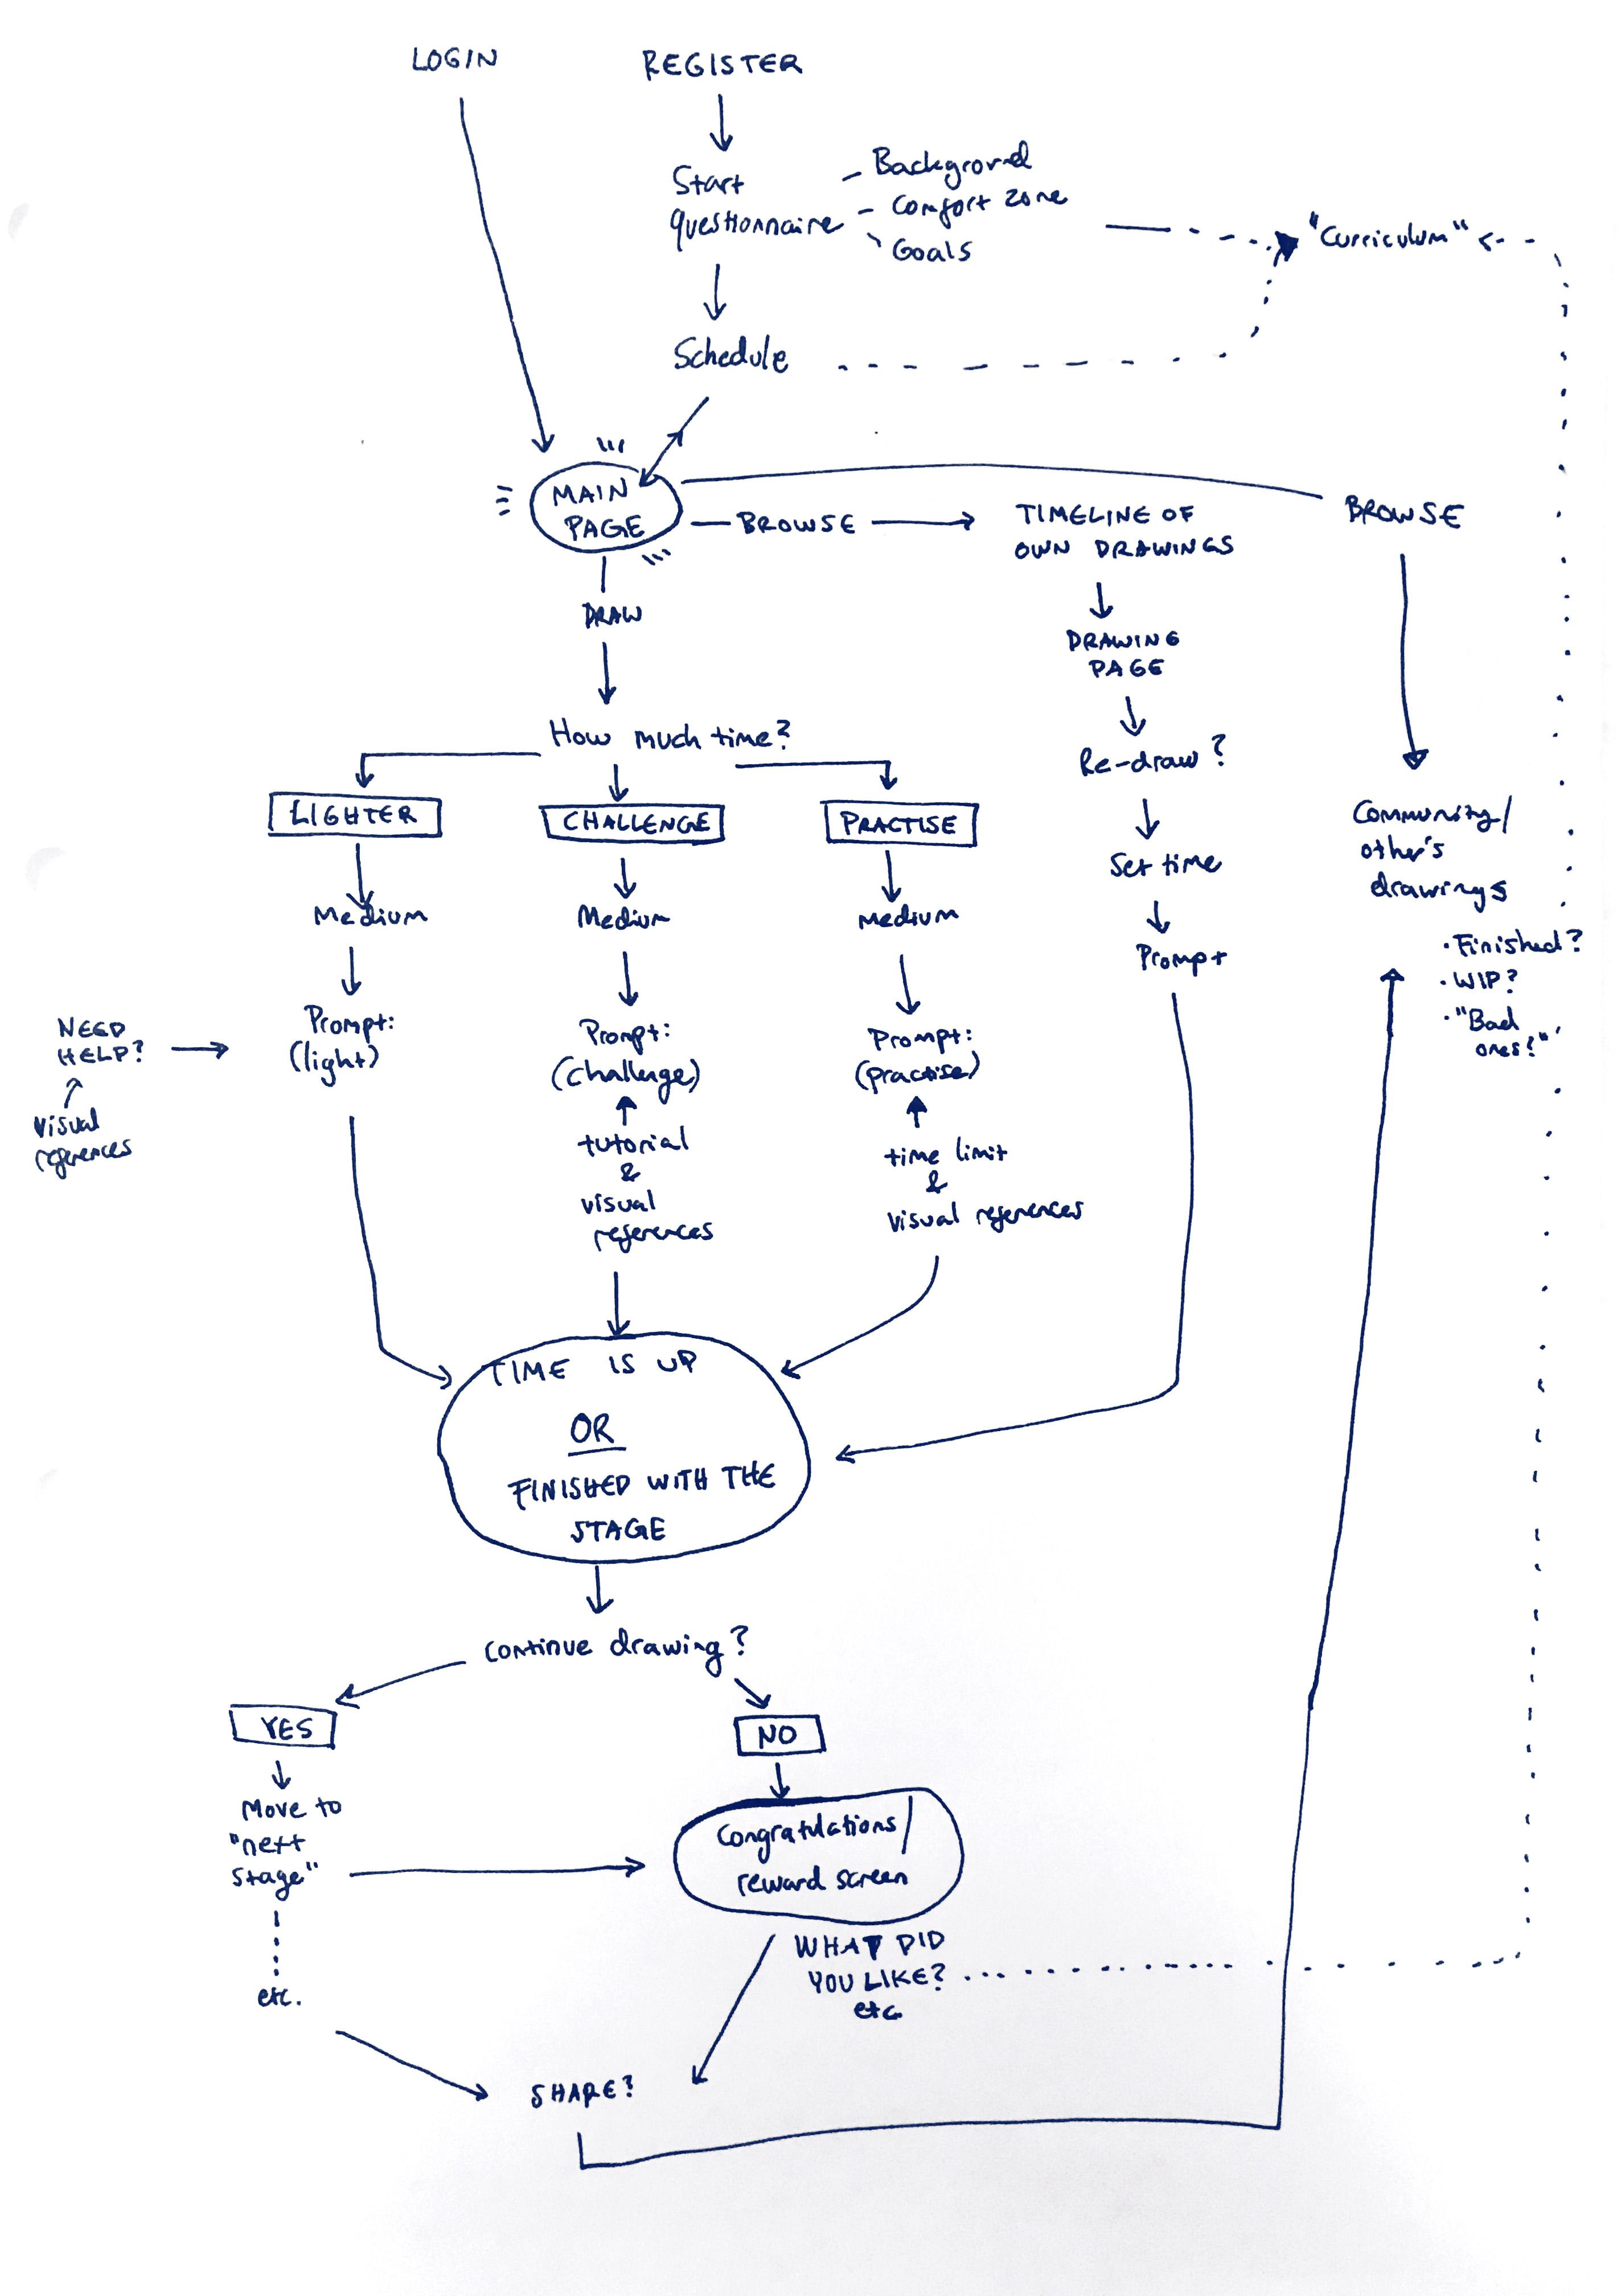 Sketch flow map